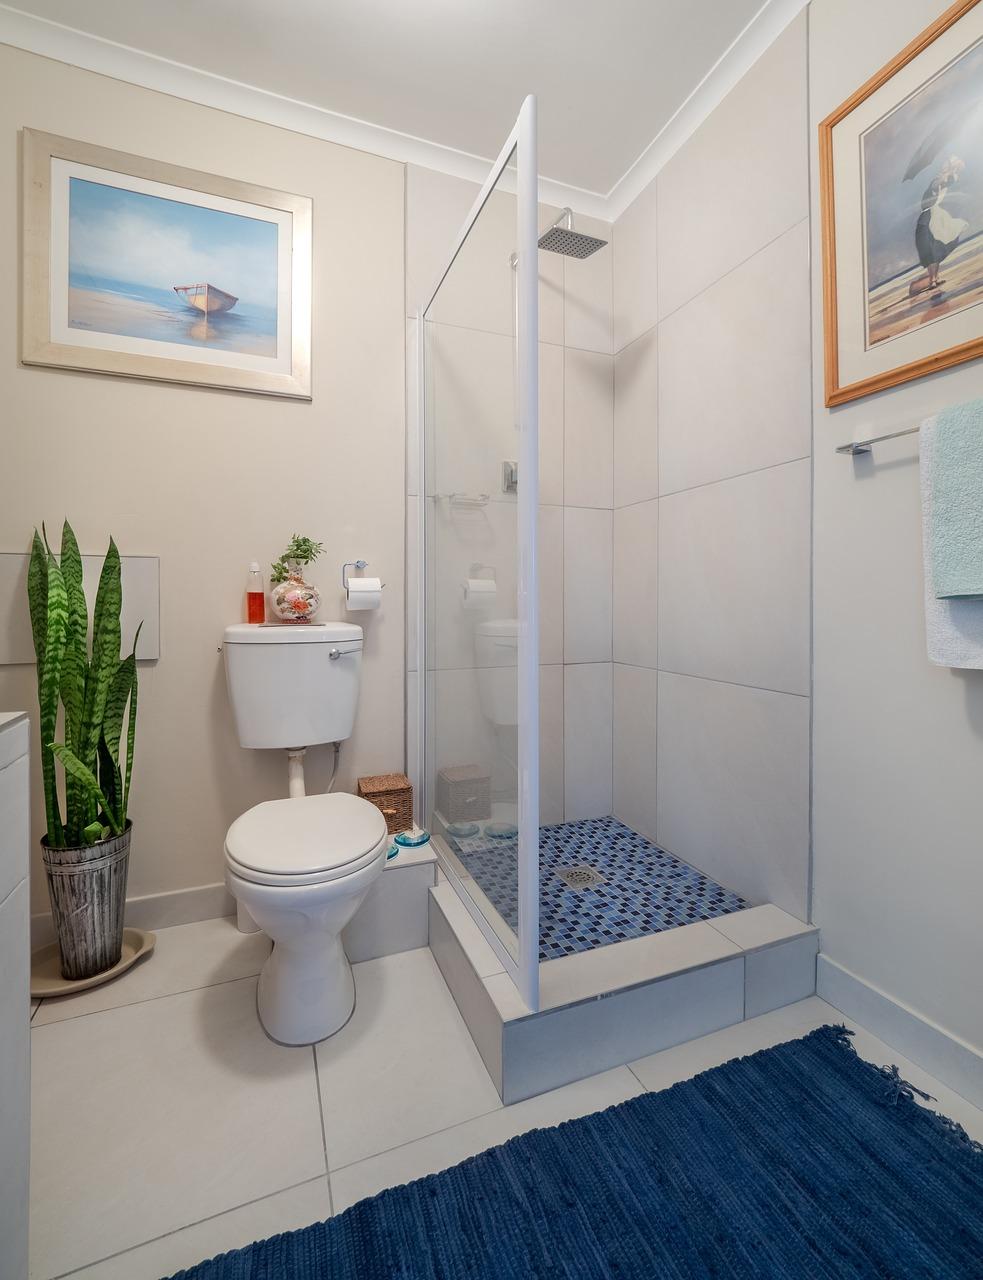 Výhody sprchových kútov